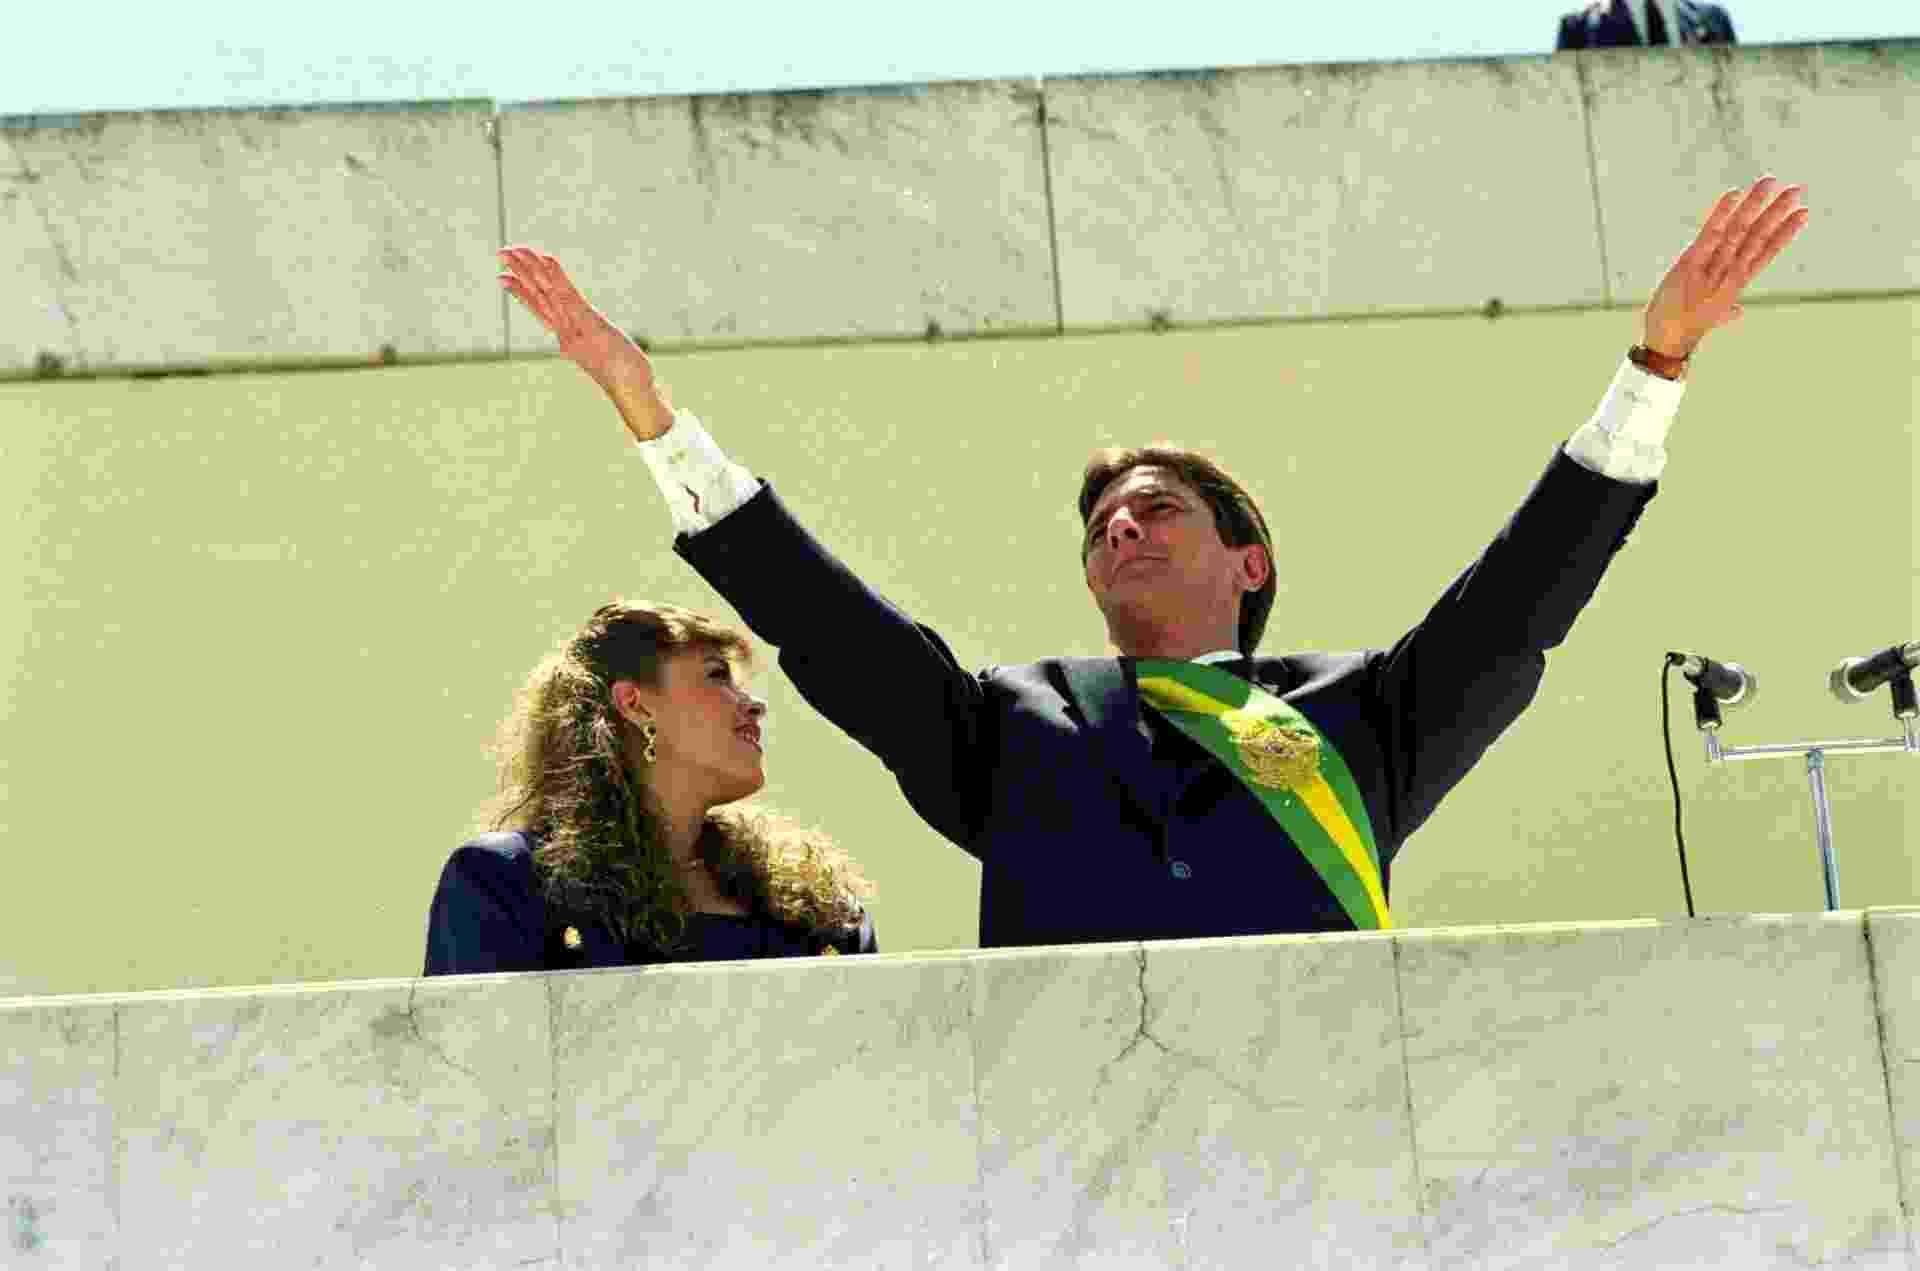 21.mai.2012 - Fernando Collor de Mello, ao lado de sua mulher, Rosane, acena para o público durante cerimônia de posse à Presidência da República do Brasil, em Brasília (DF), em março de 1990 - Juan Esteves/Folhapress - 15.03.1990